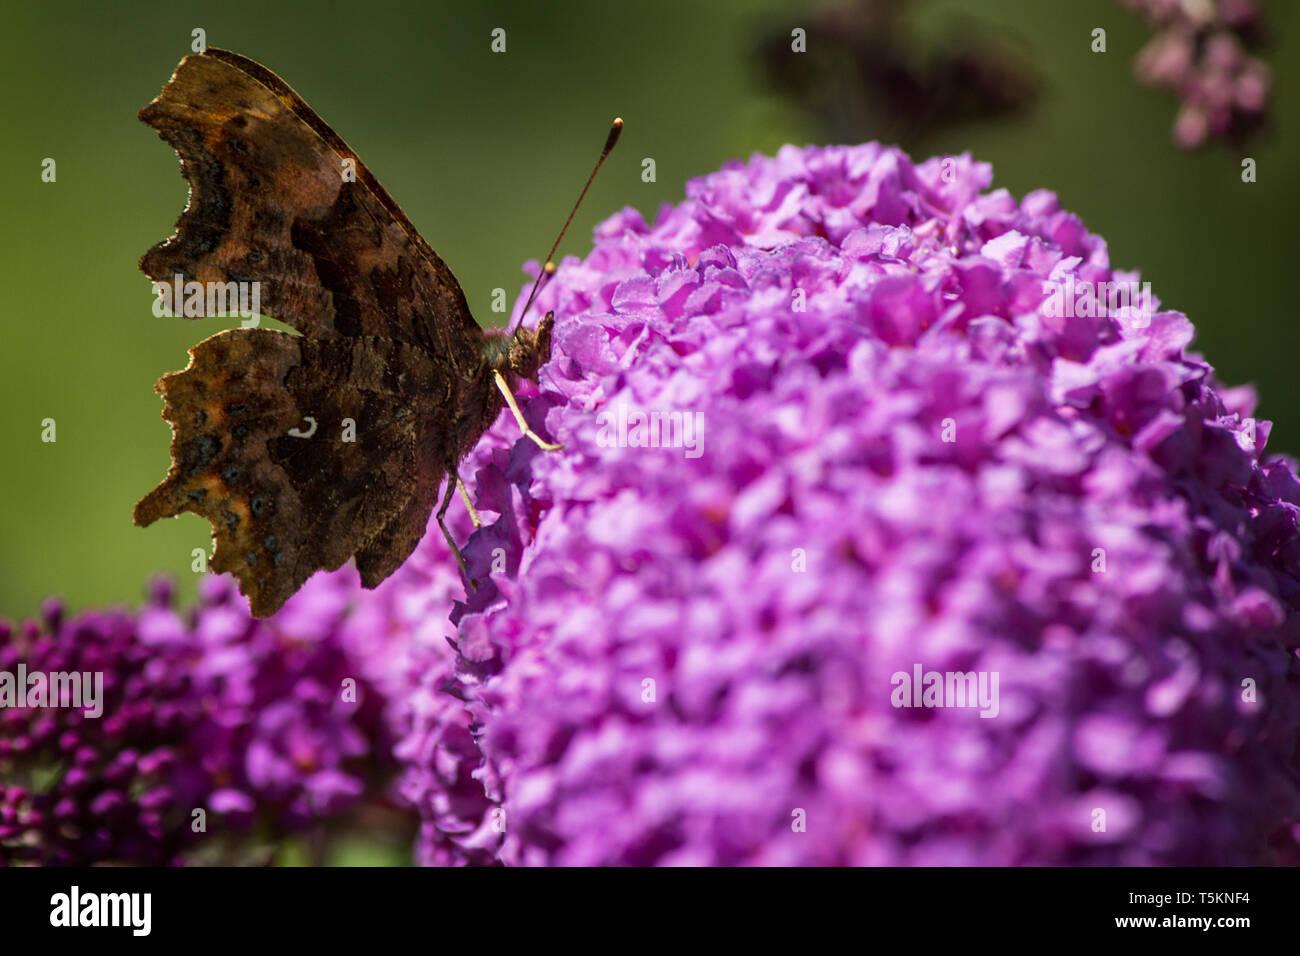 Schmetterling Tagpfauenauge lila Flieder / peacock butterfly purple lilac - Stock Image